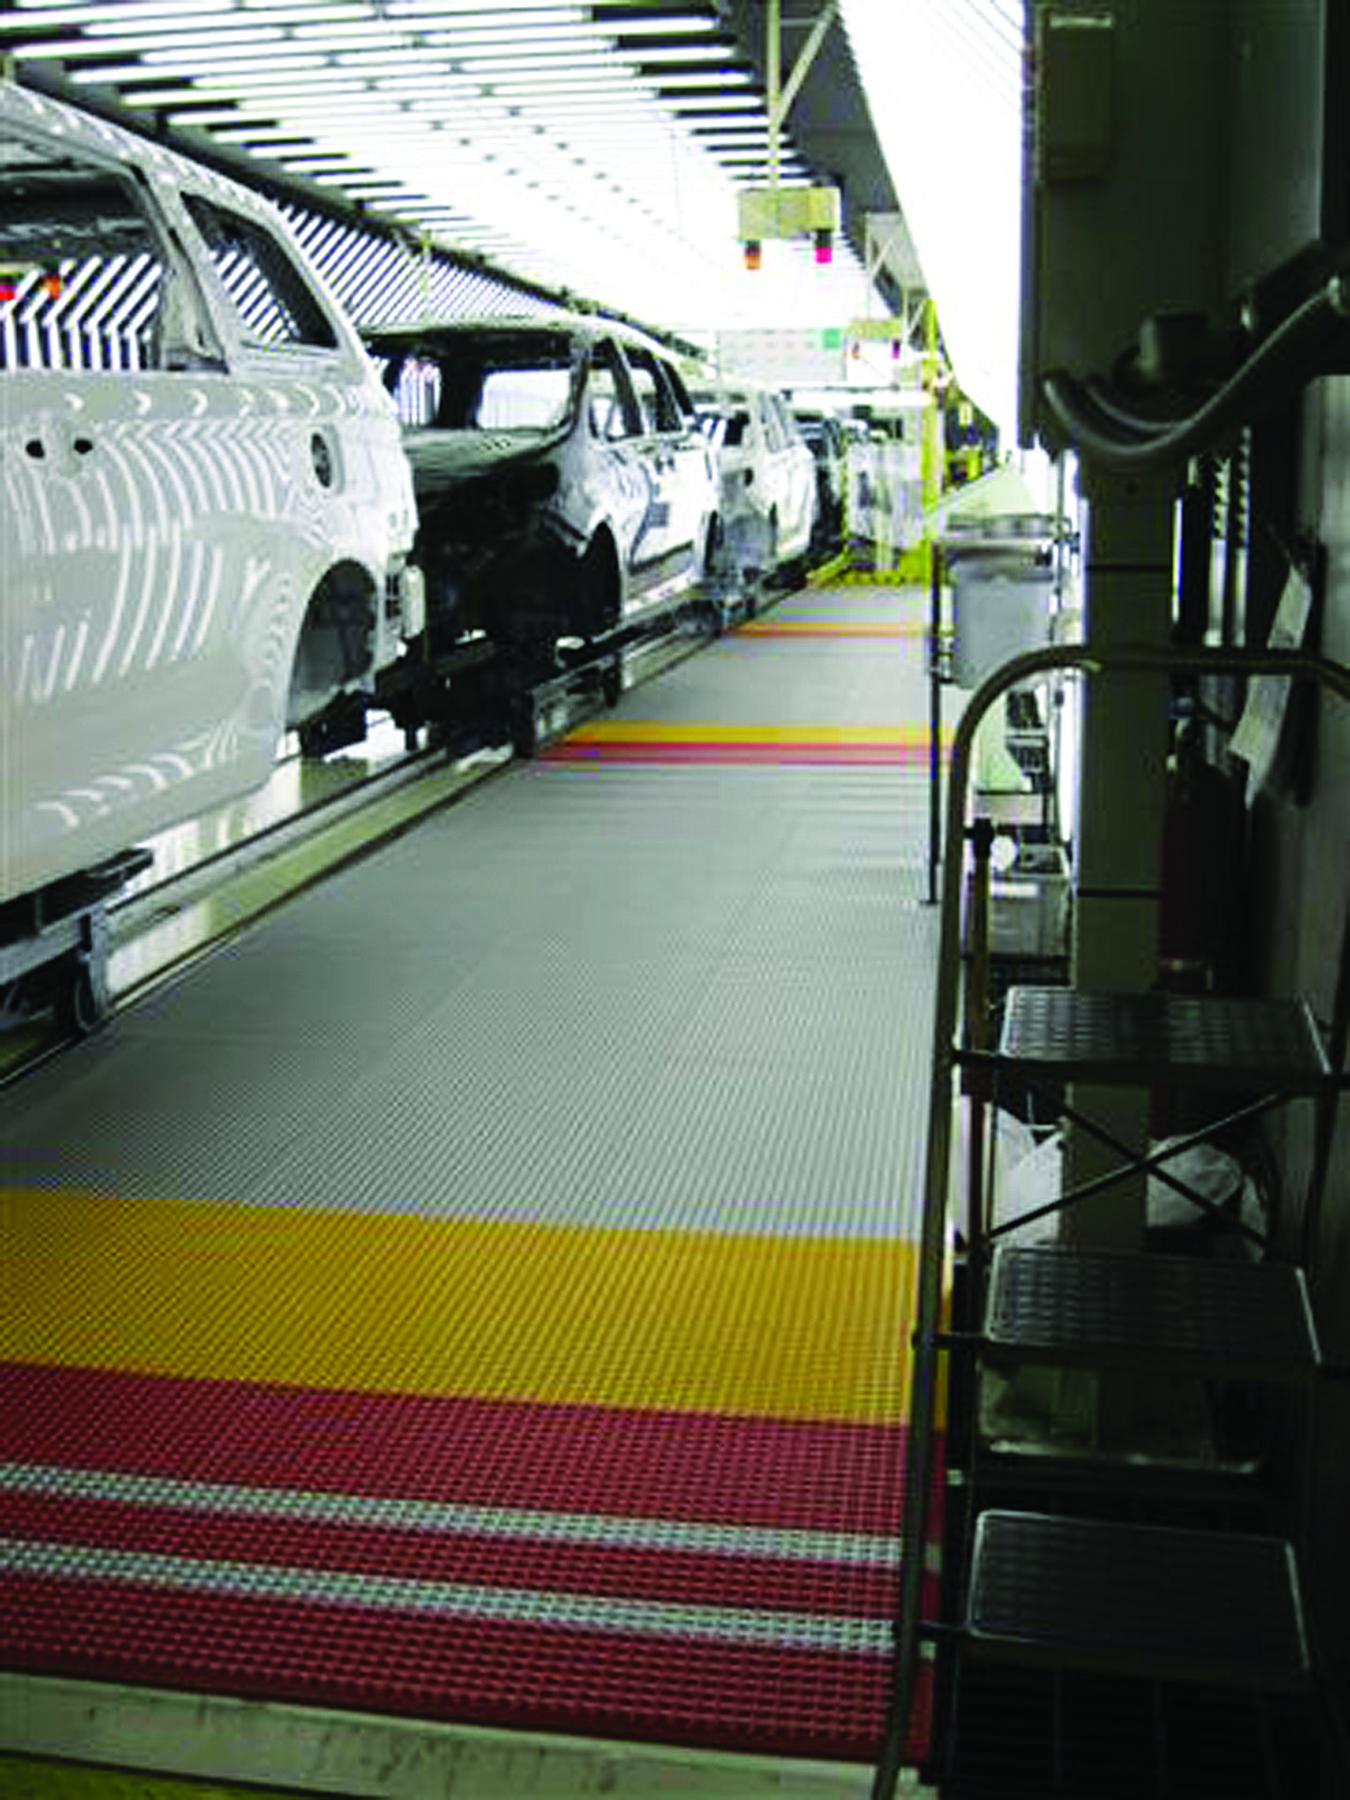 infinity - mata automotive w zakladzie pracy